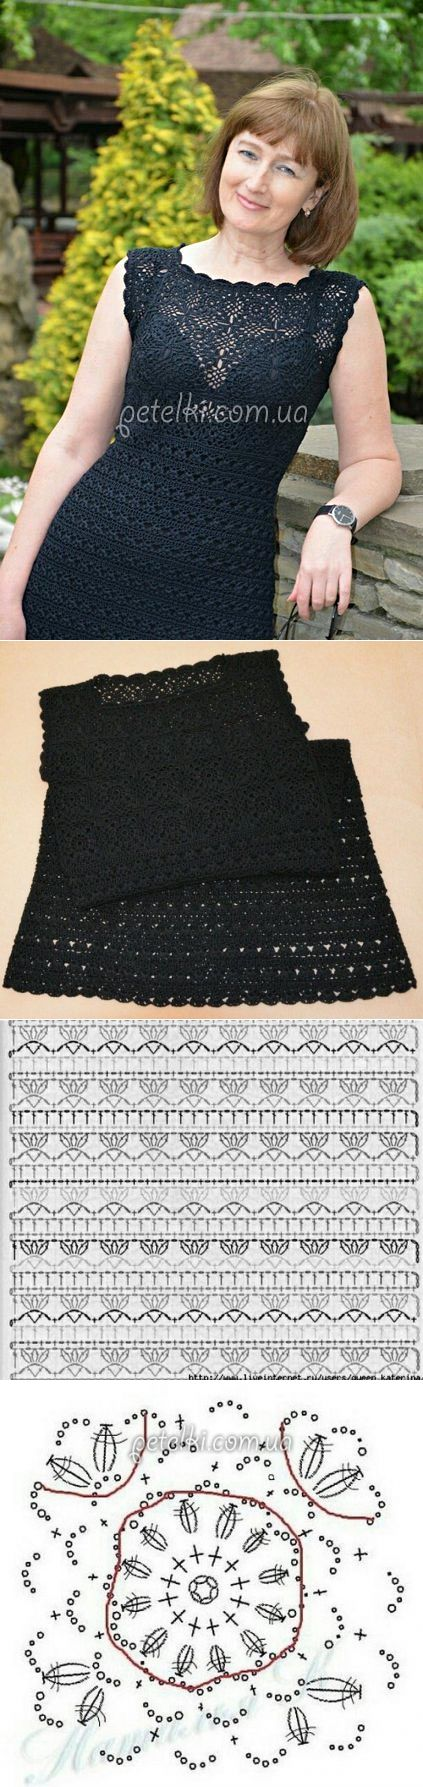 Схема вязания платьев костюмов